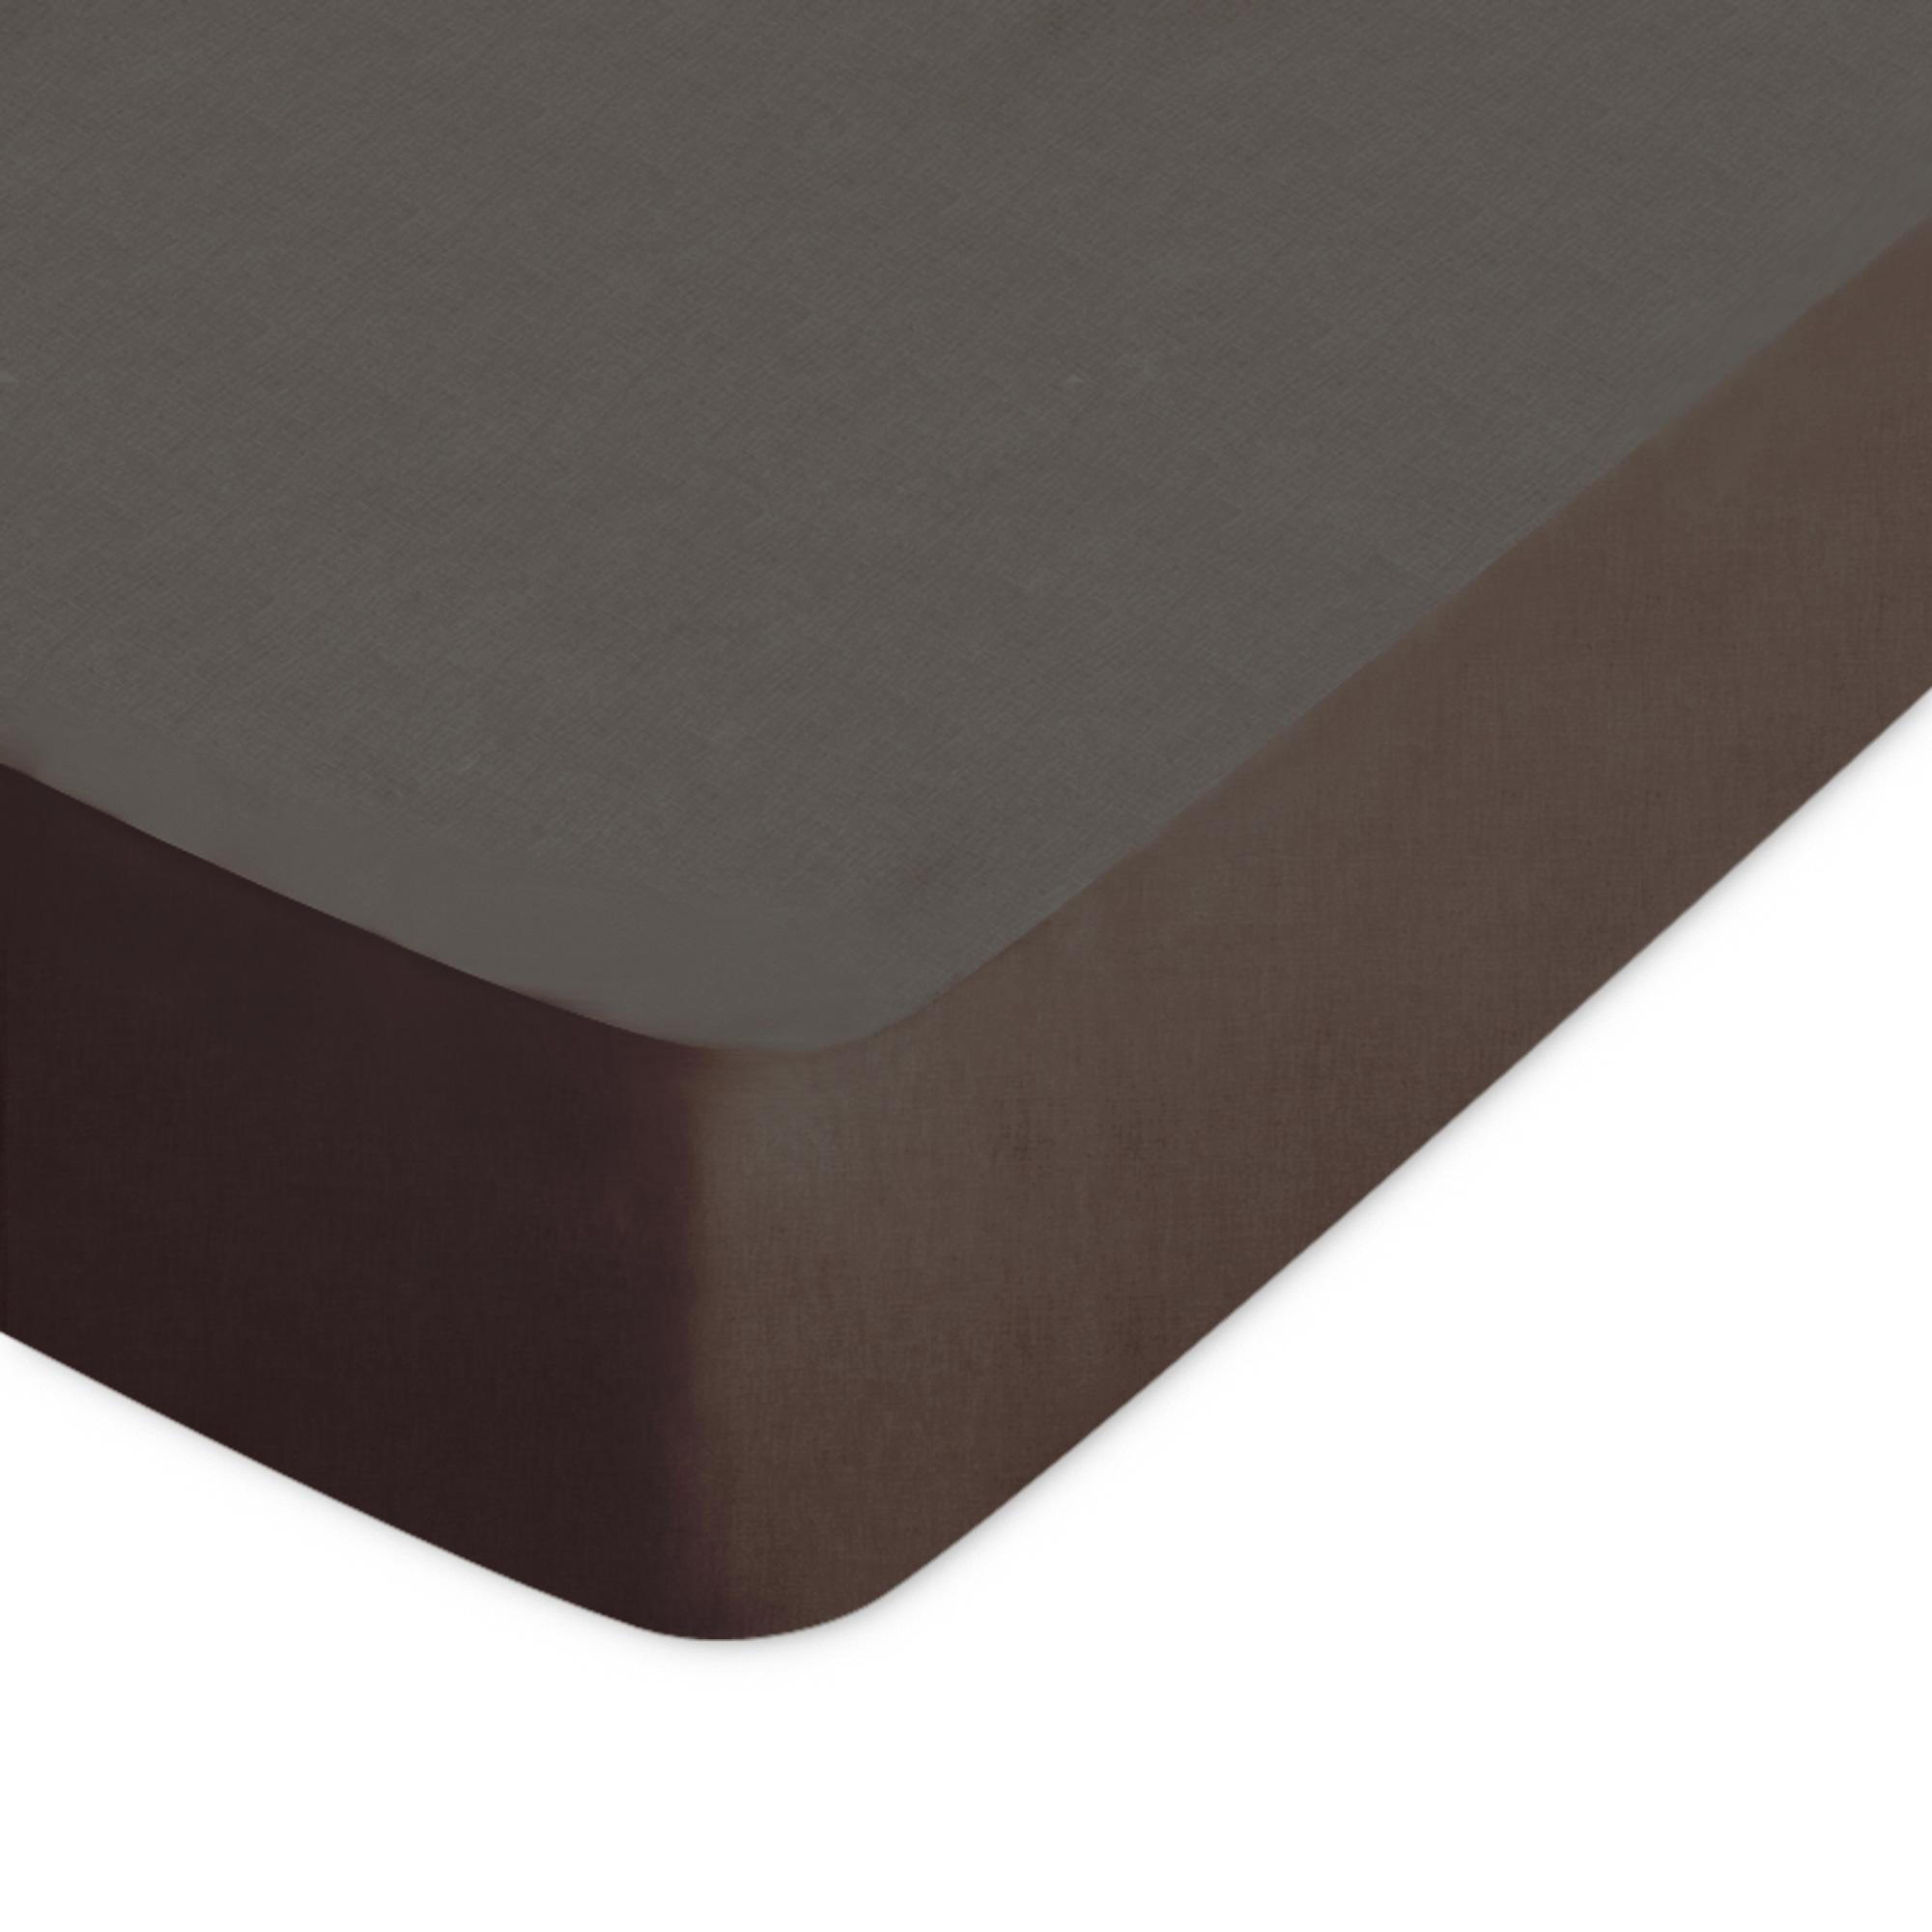 drap housse 80x200cm uni pur coton alto marron mangan se linnea linge de maison et. Black Bedroom Furniture Sets. Home Design Ideas